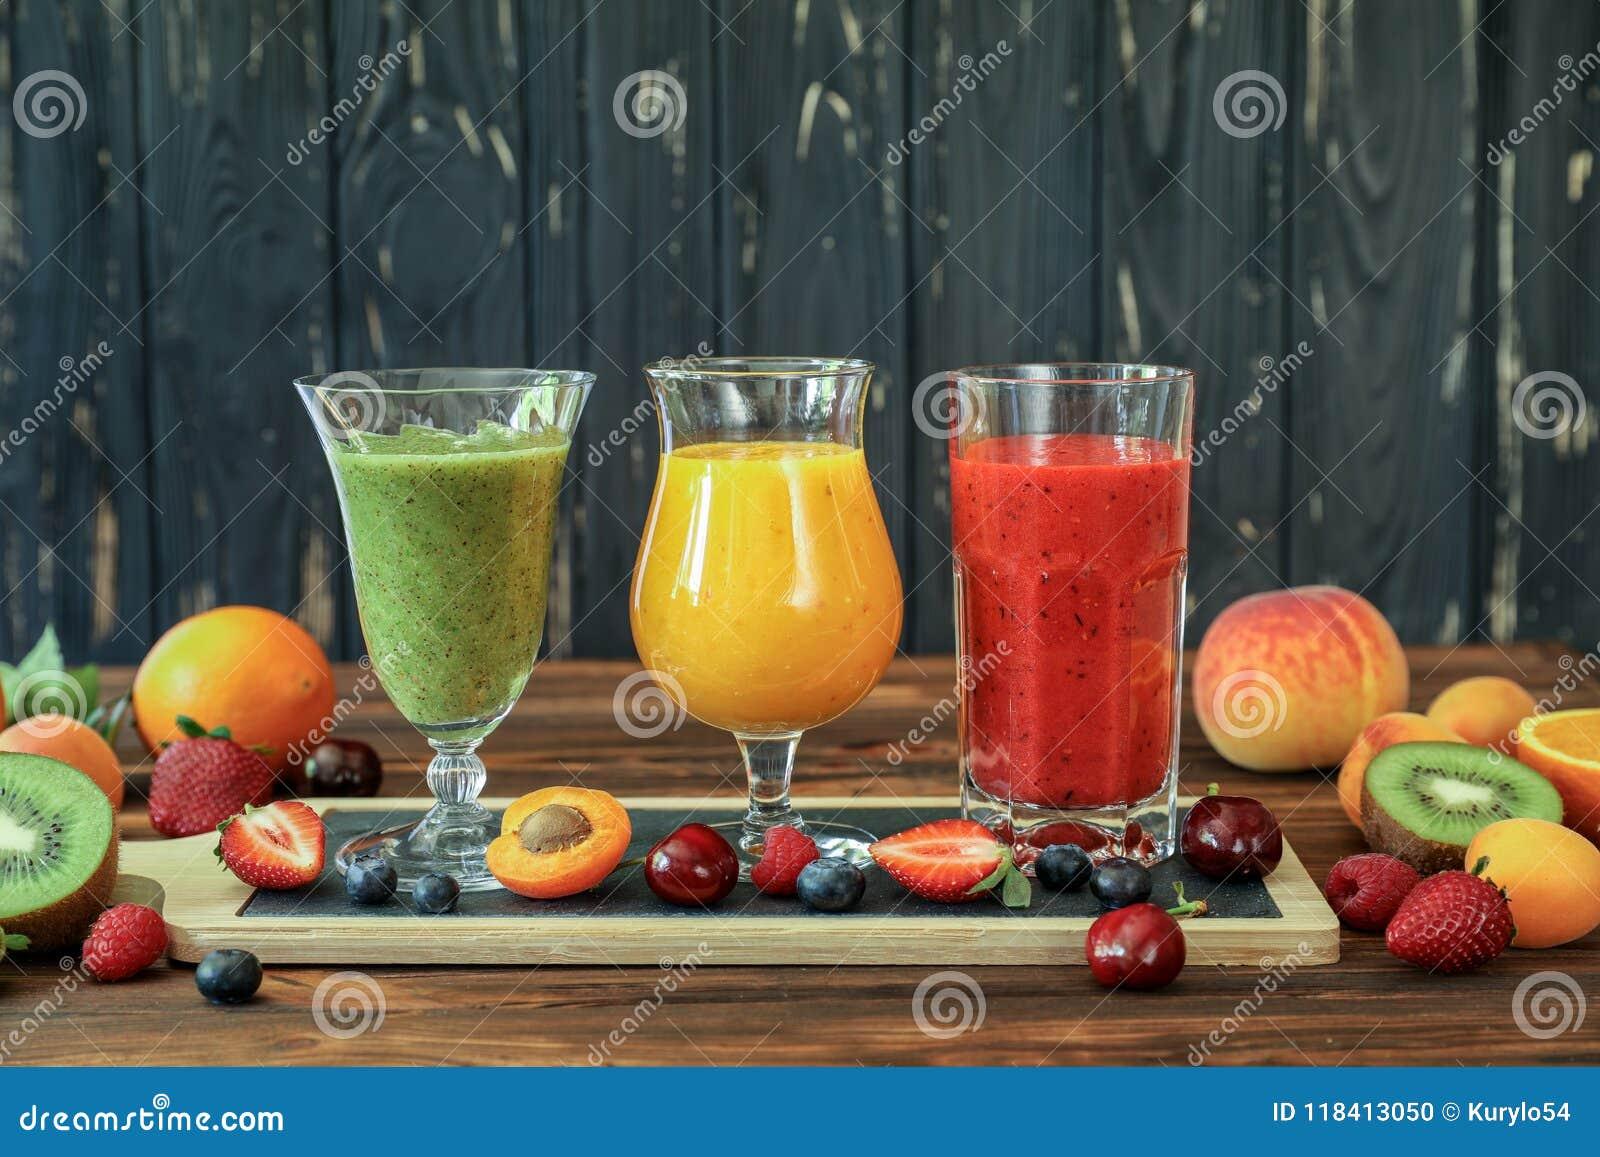 Dieta del kiwi y naranja